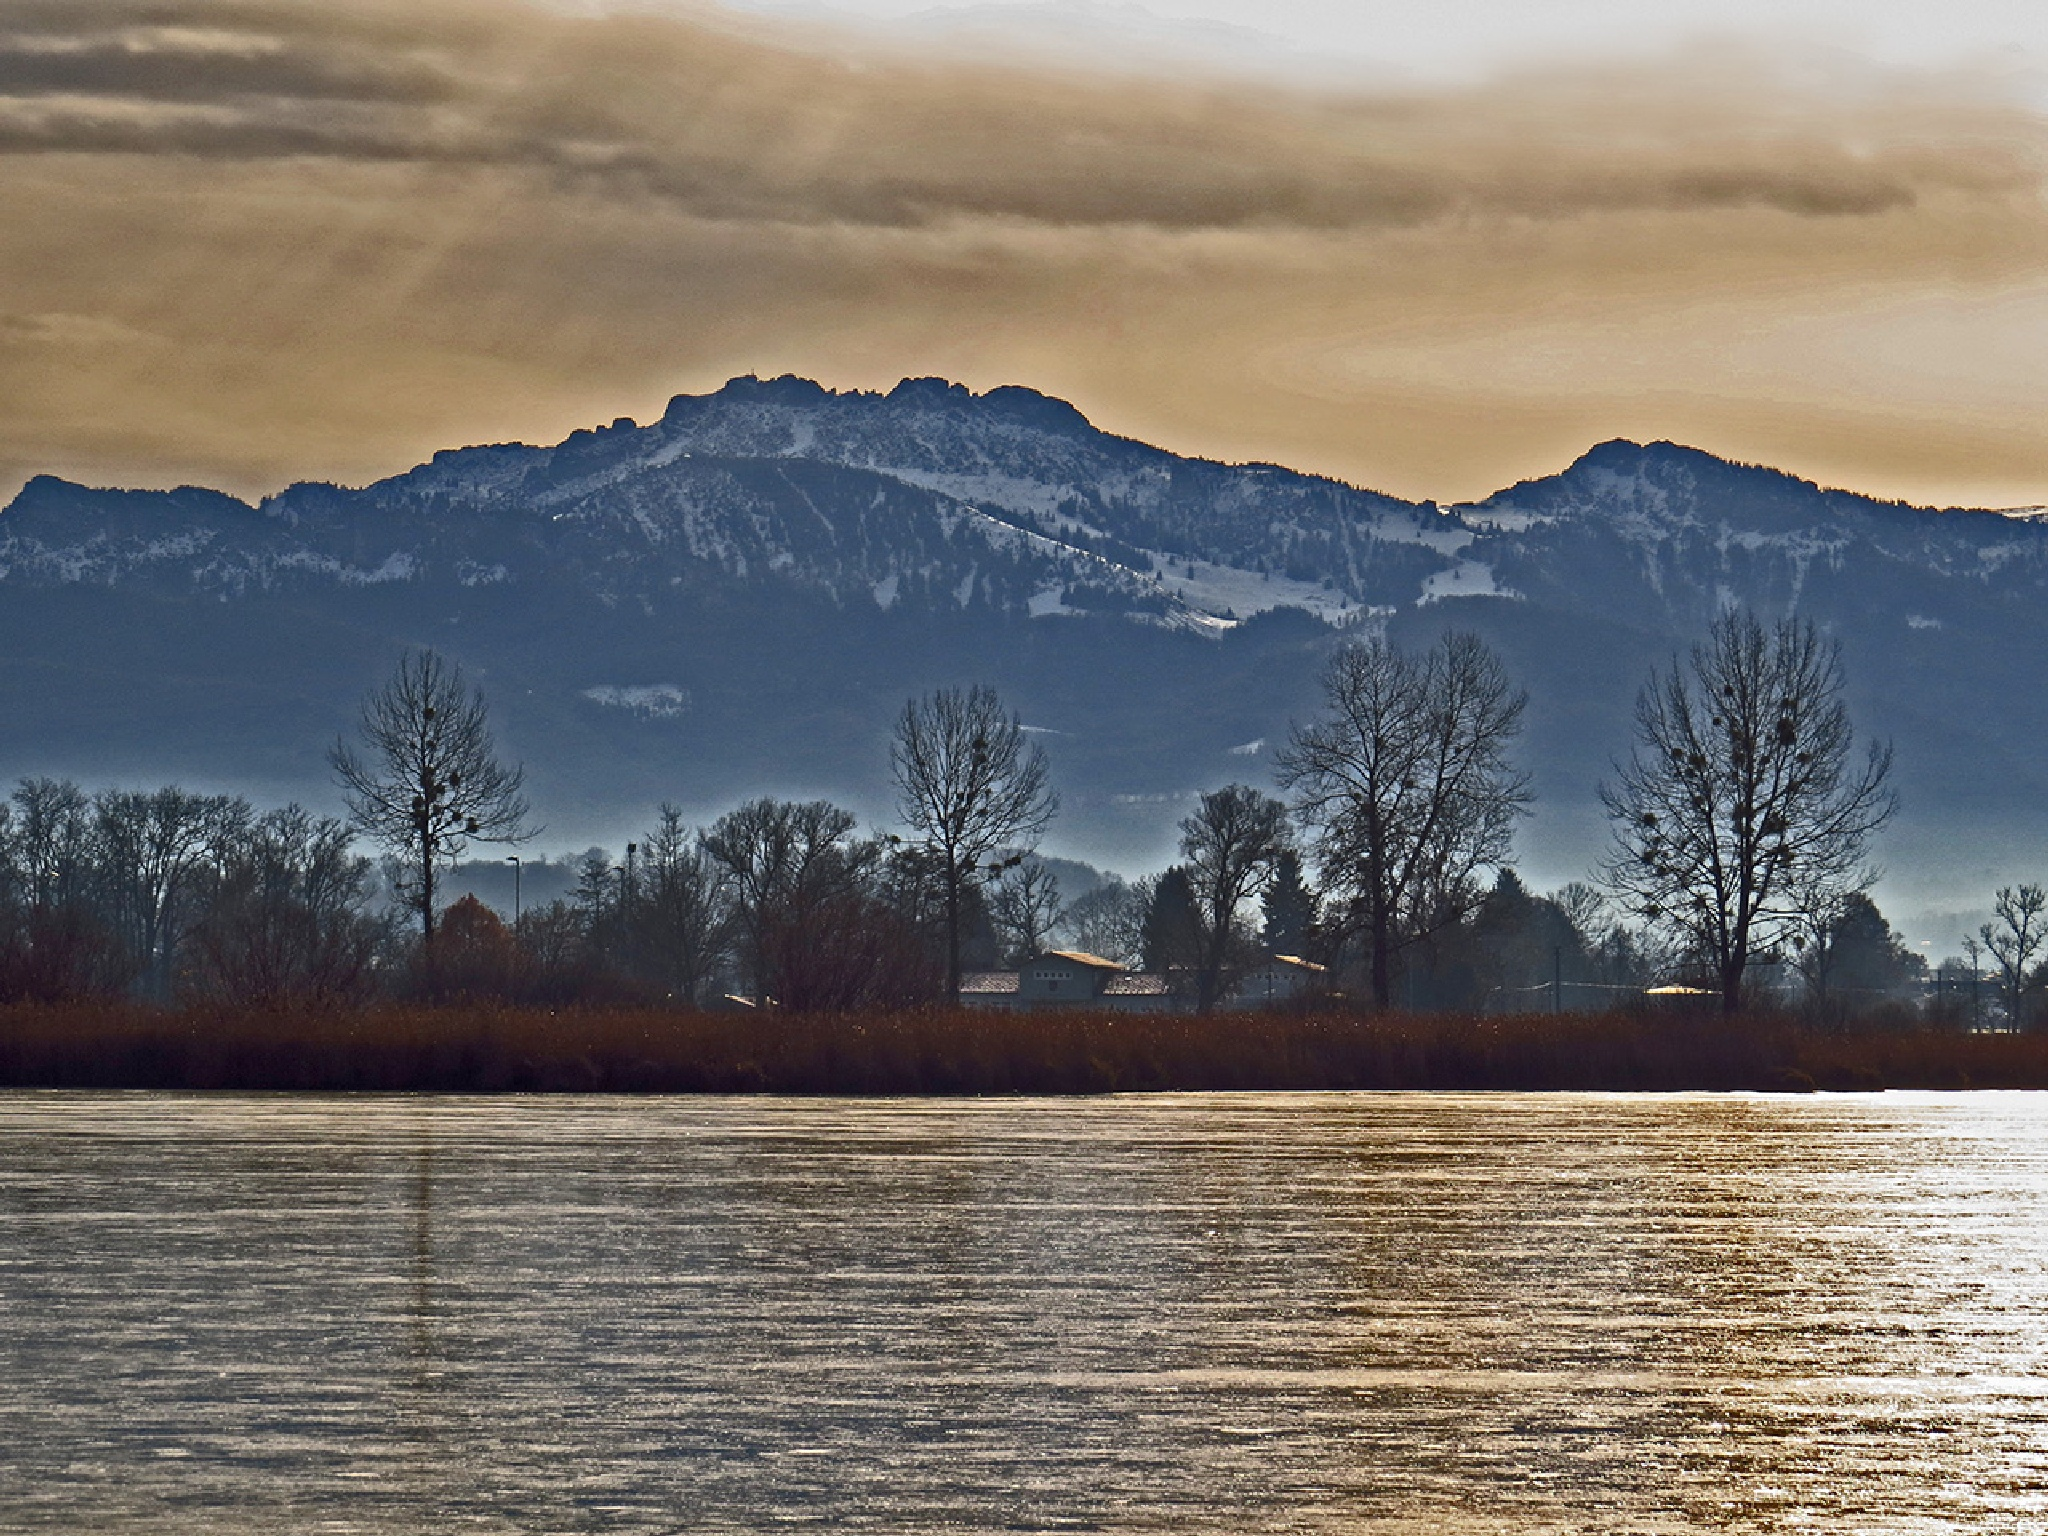 See im Voralberg-5 by jkerut